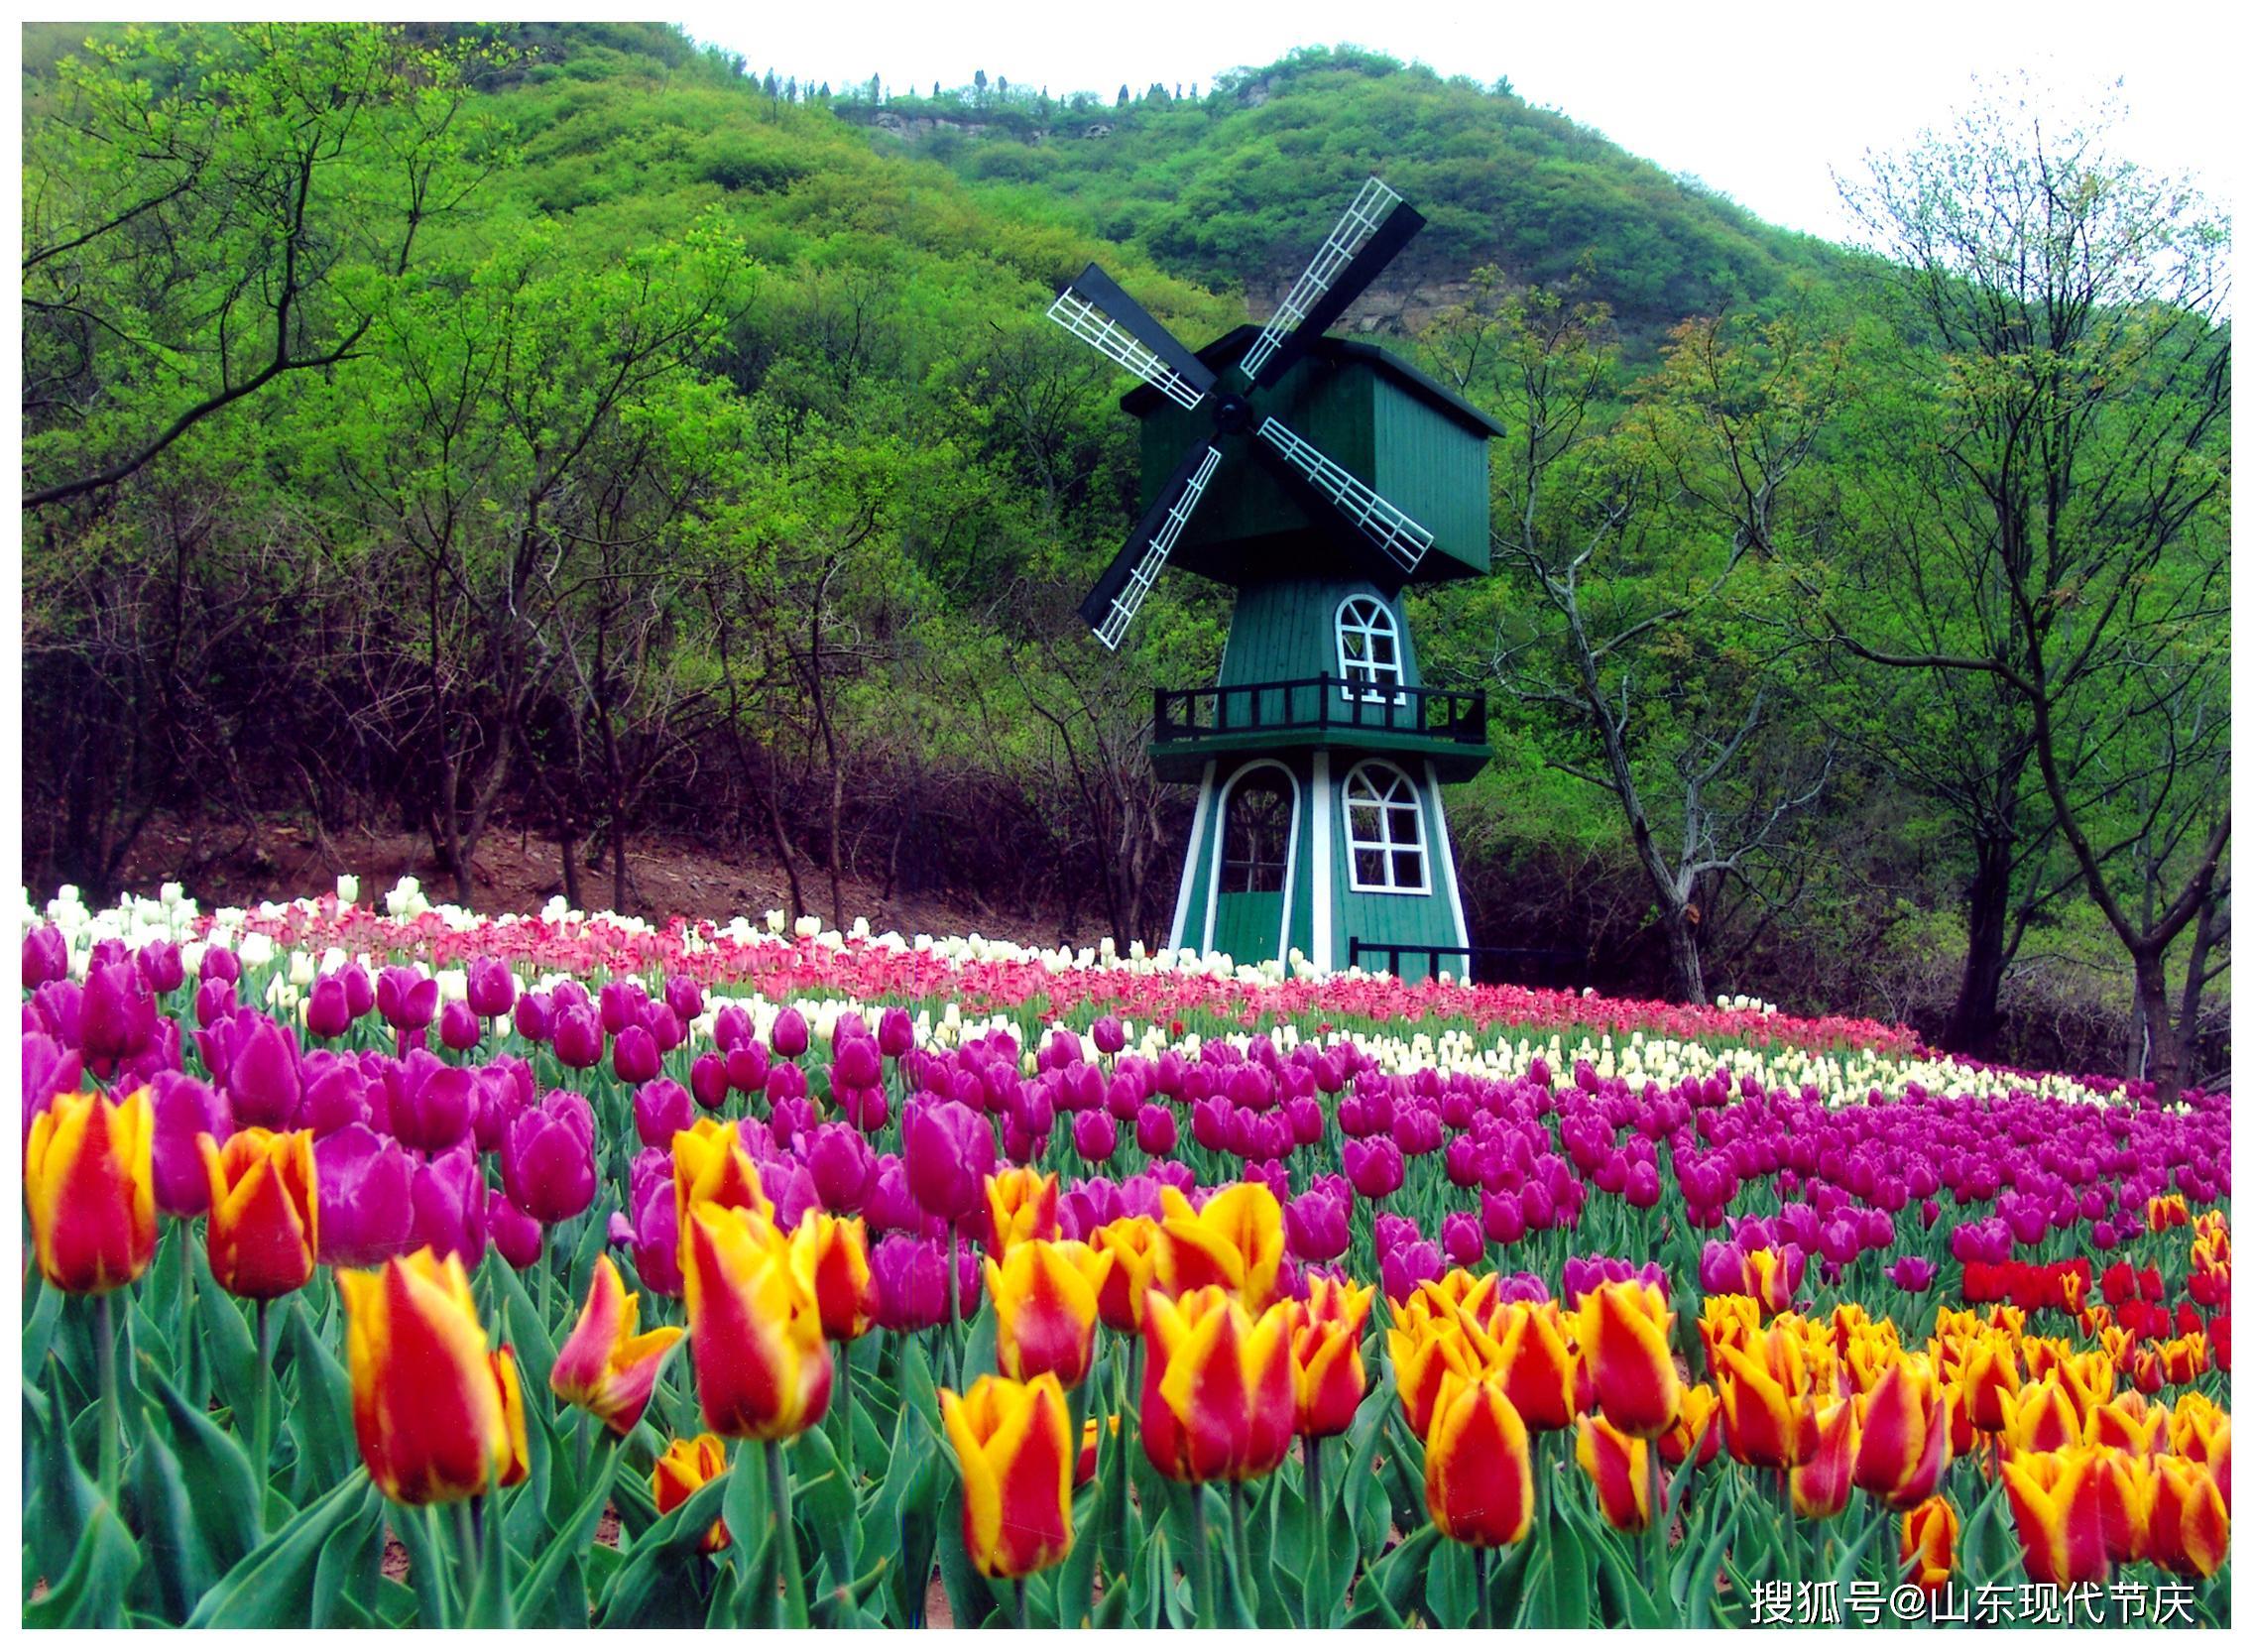 【旅游】济南红叶谷生态文化旅游区3月30日恢复开园